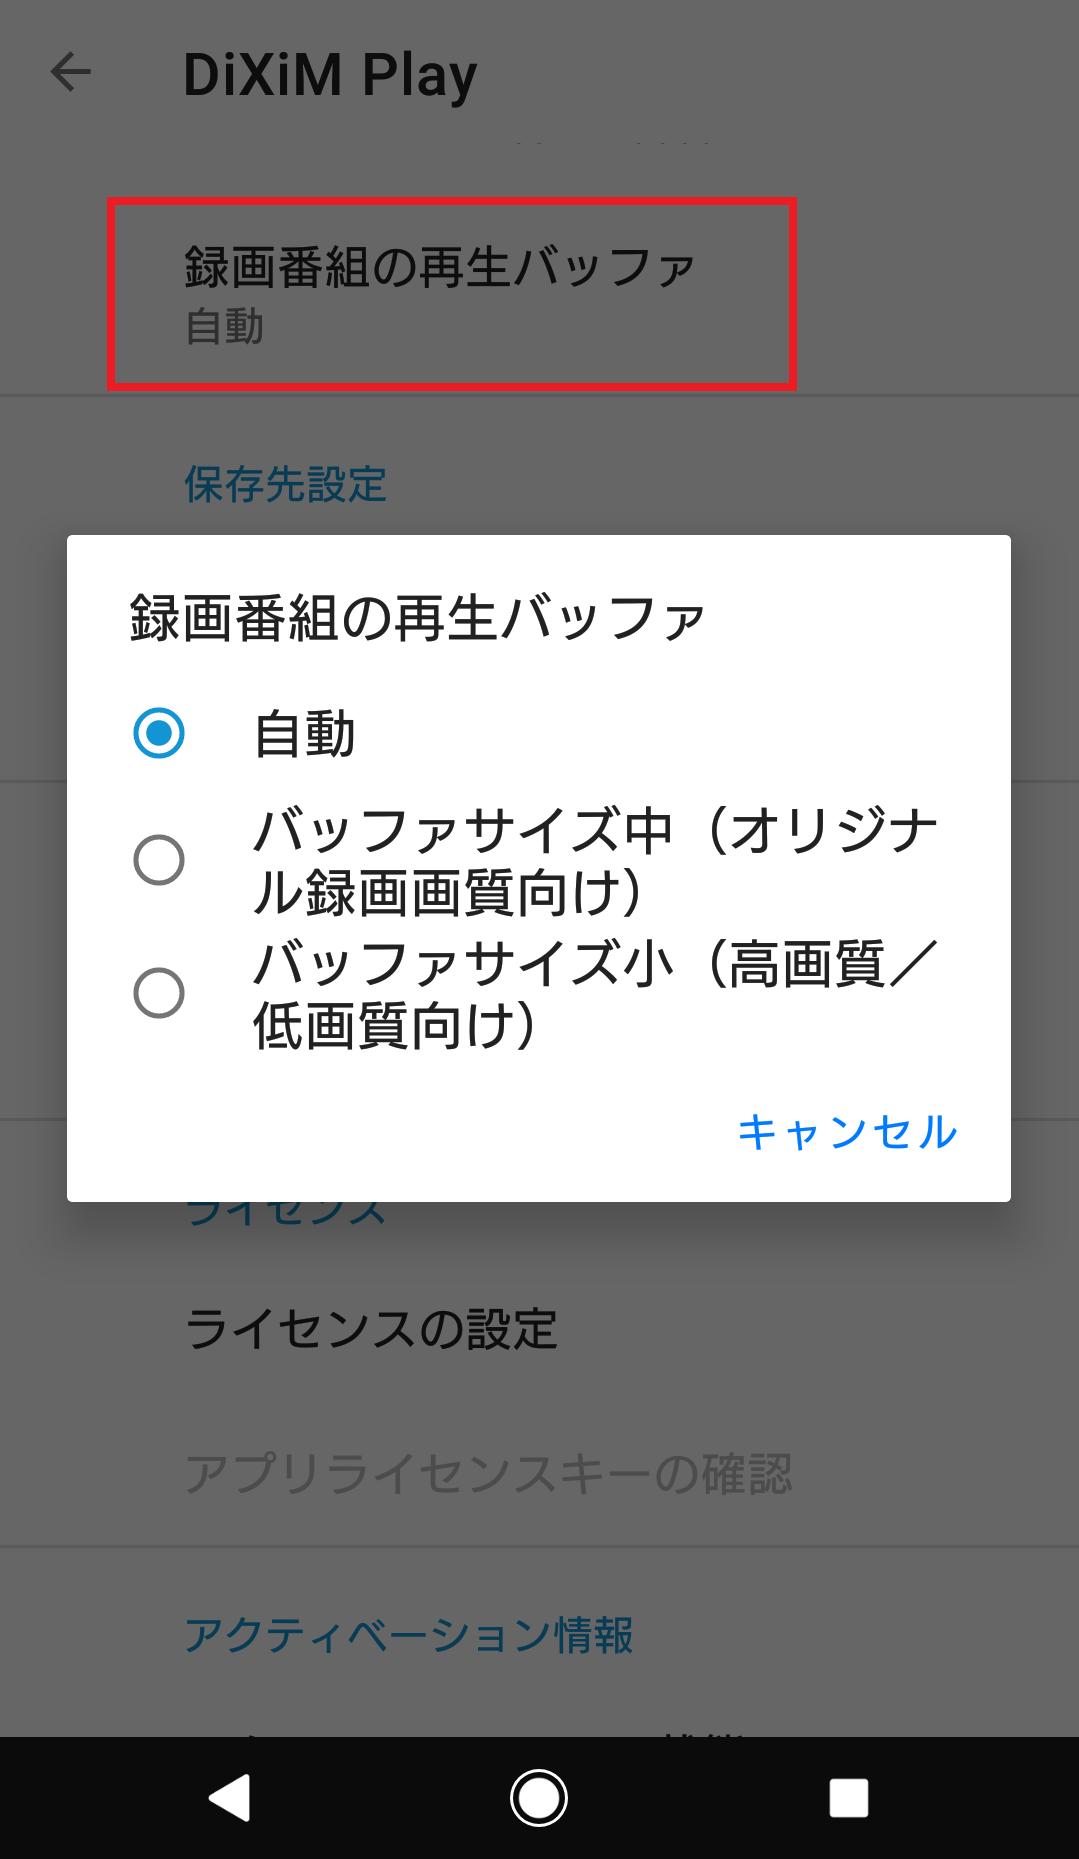 「アプリの設定」-「録画番組の再生設定」-「録画番組の再生バッファ」より設定できます。